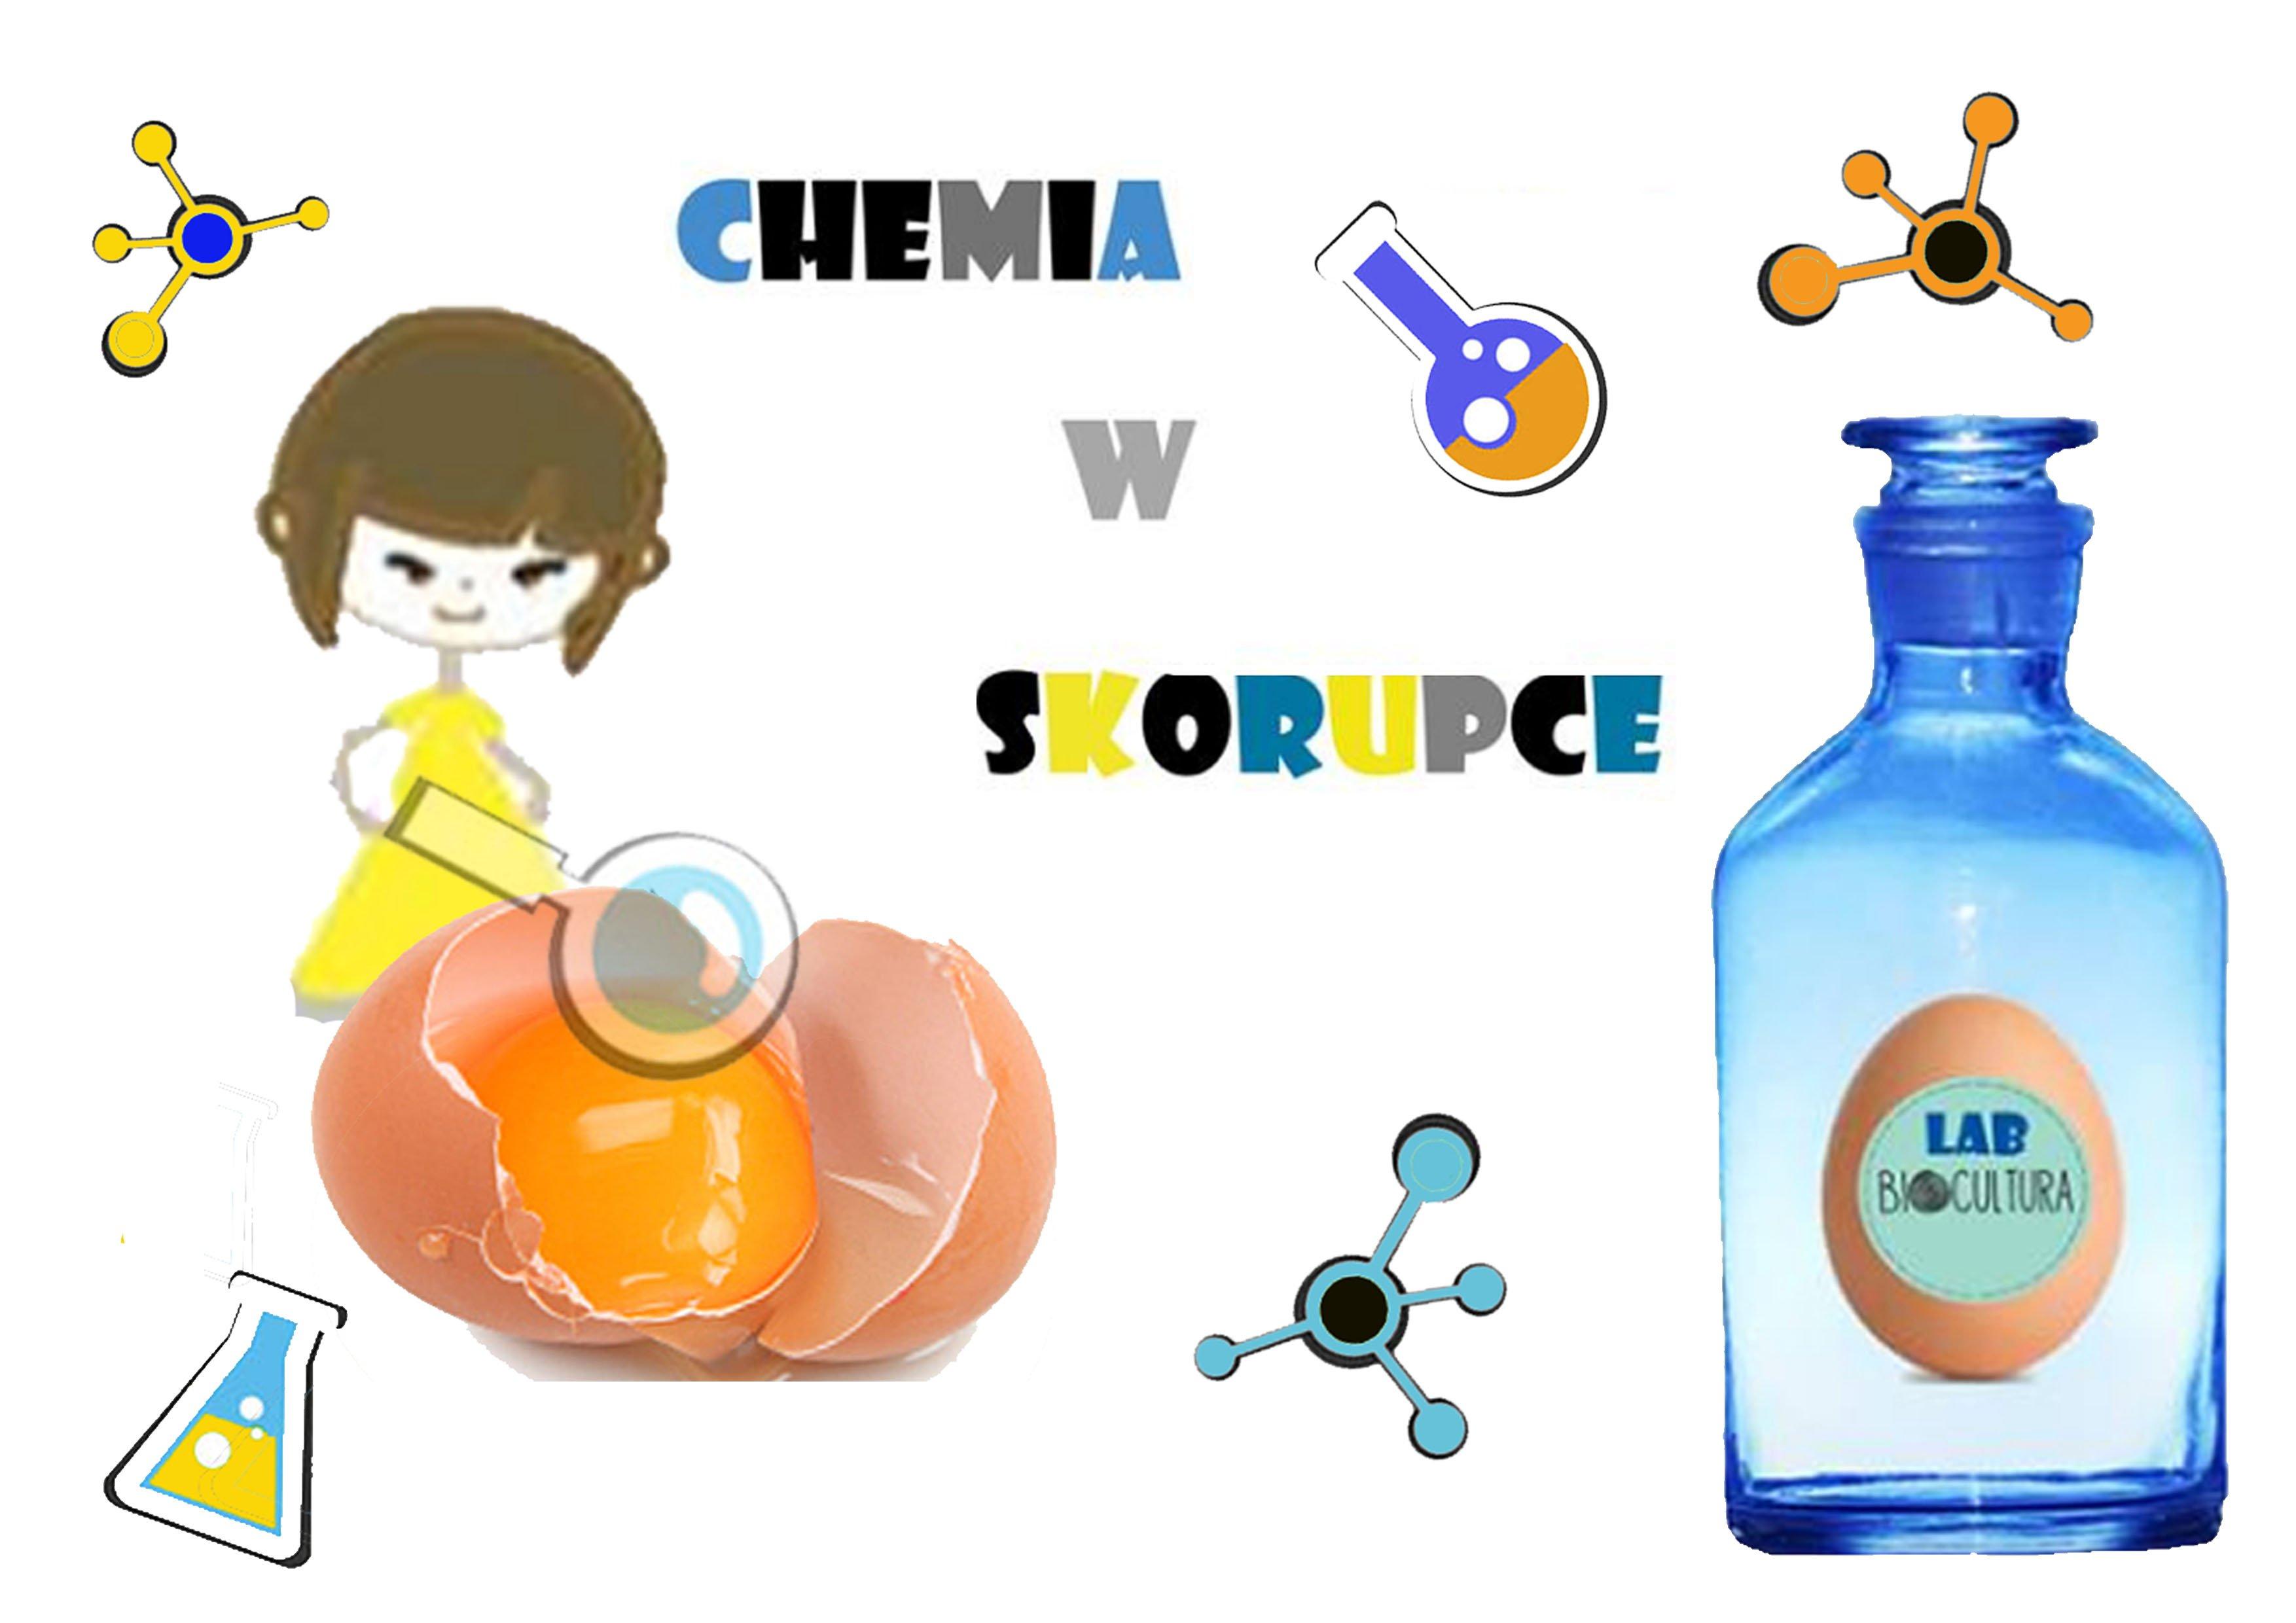 chemia_w_skorupceA4 kopia